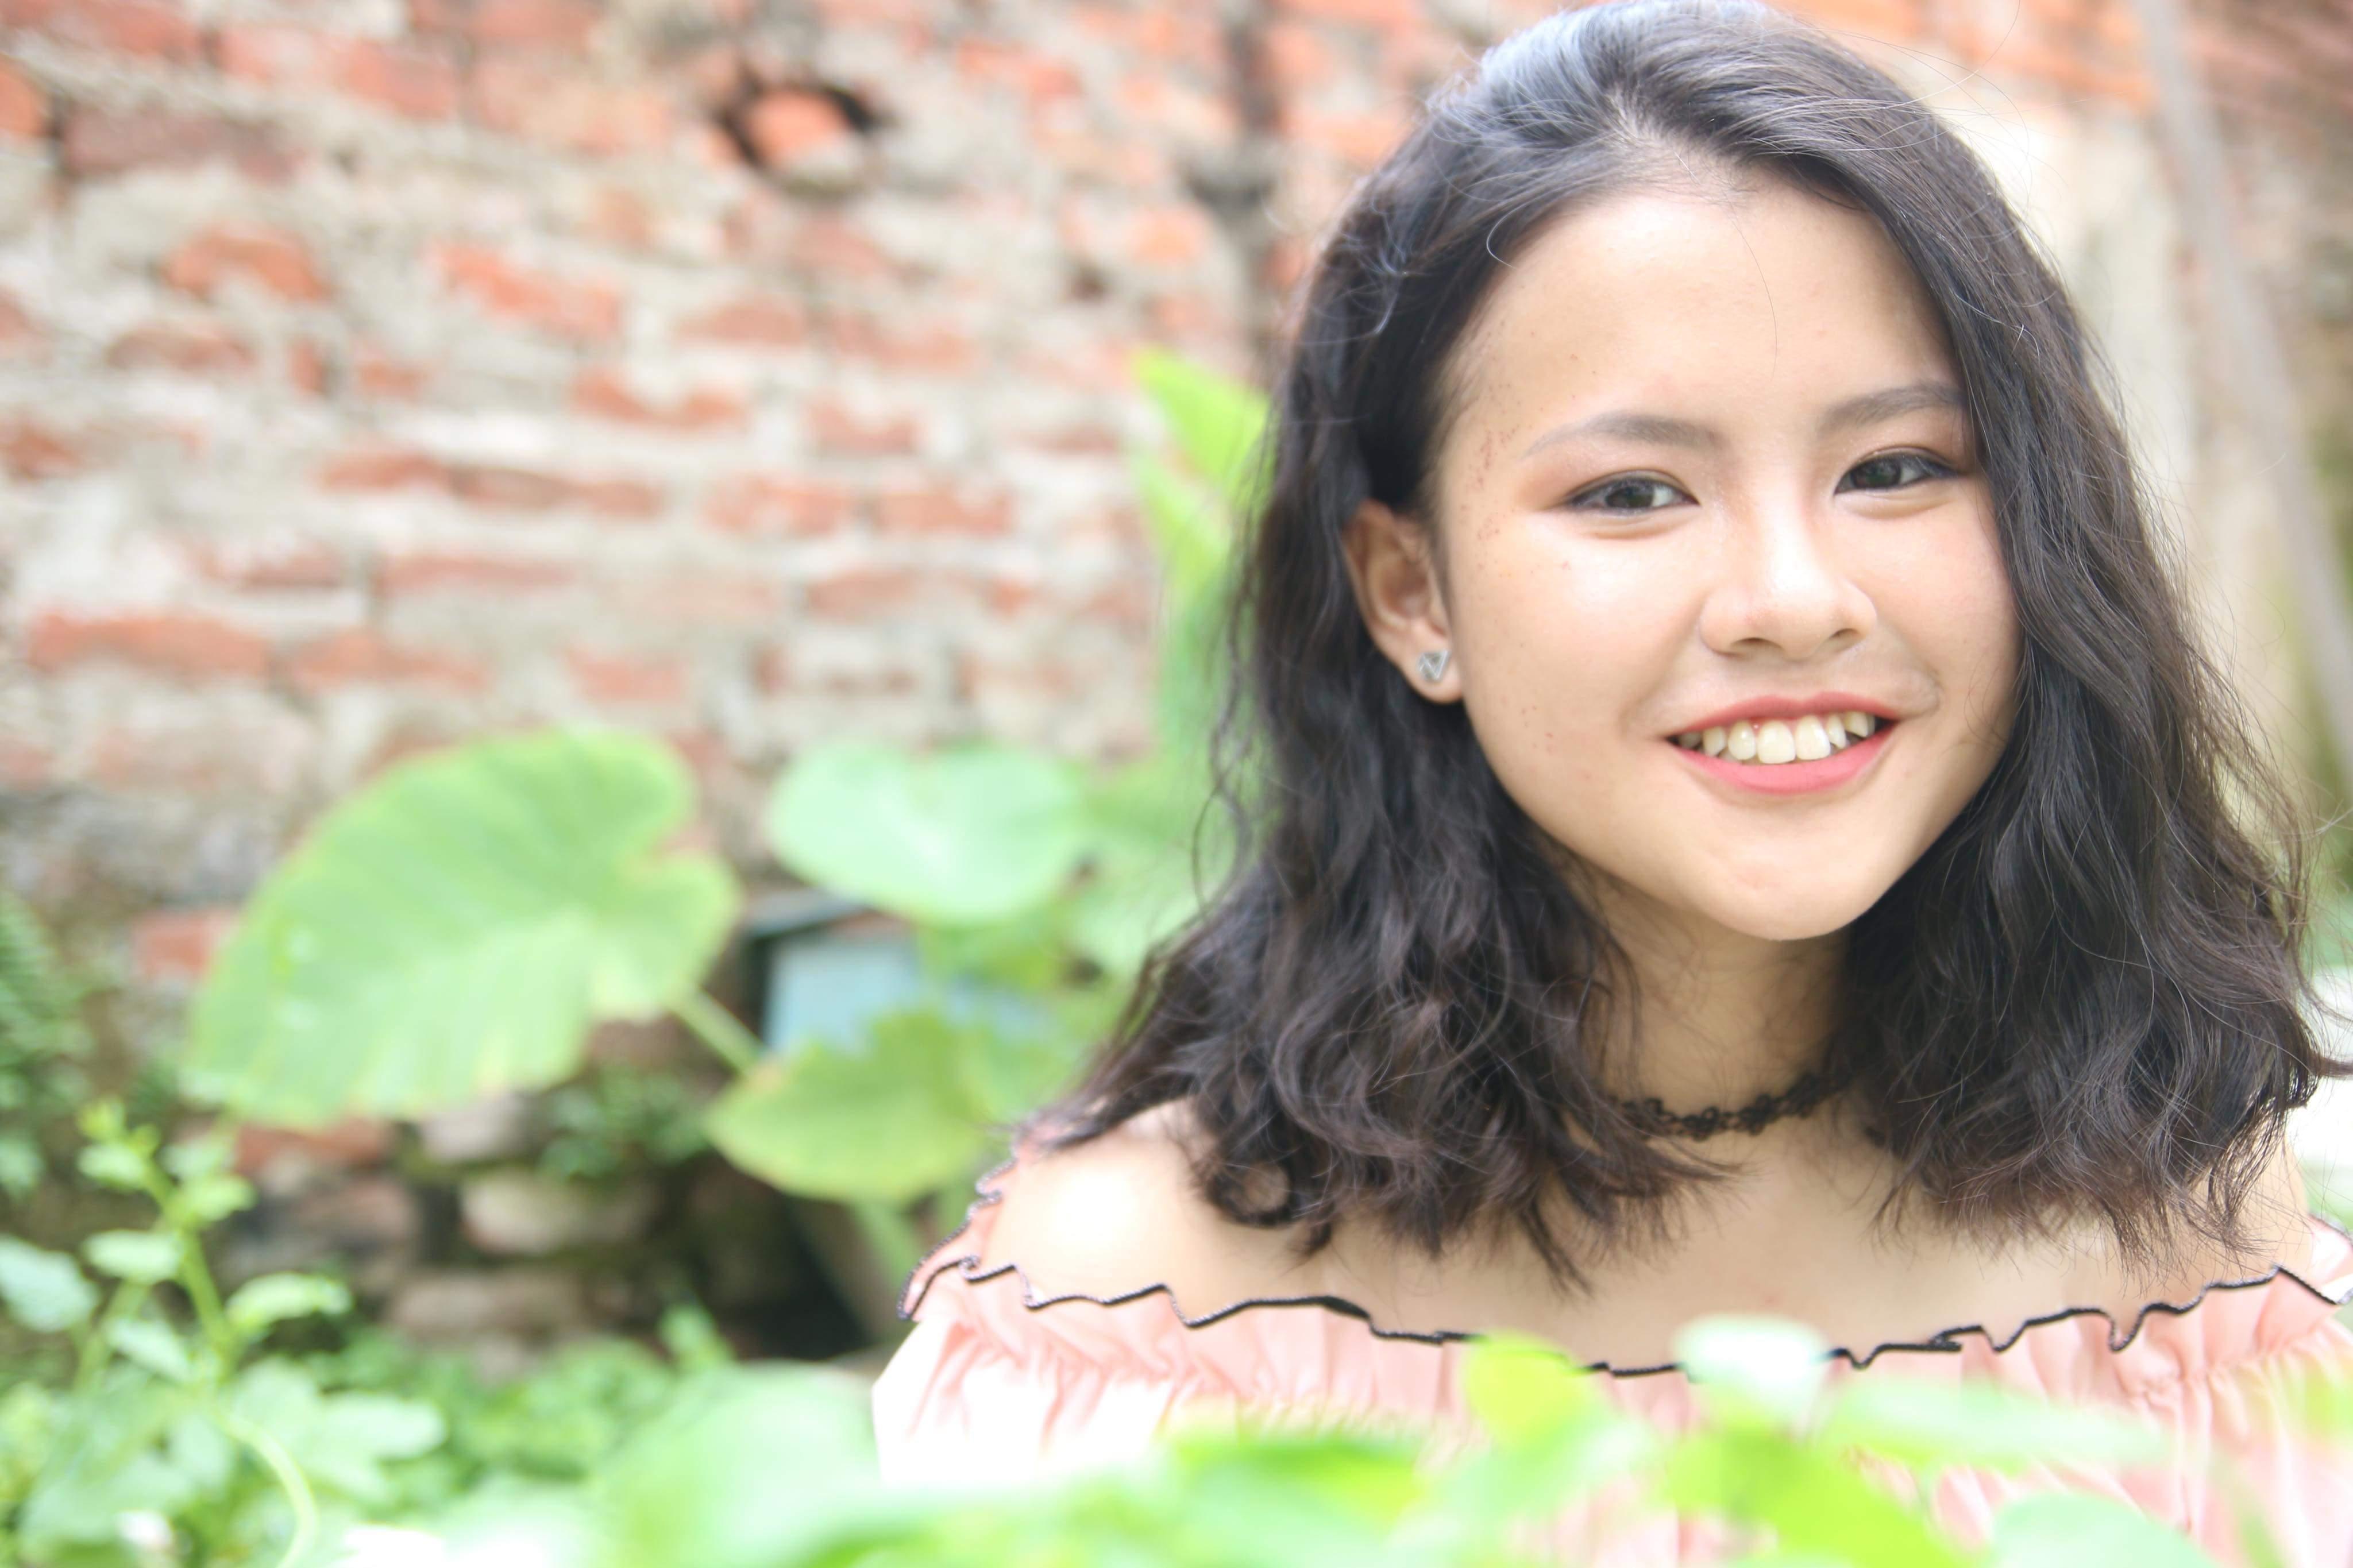 Em Trần Thùy Dương – Học sinh Trường THPT Phan Huy Chú – Đống Đa – Hà Nội: